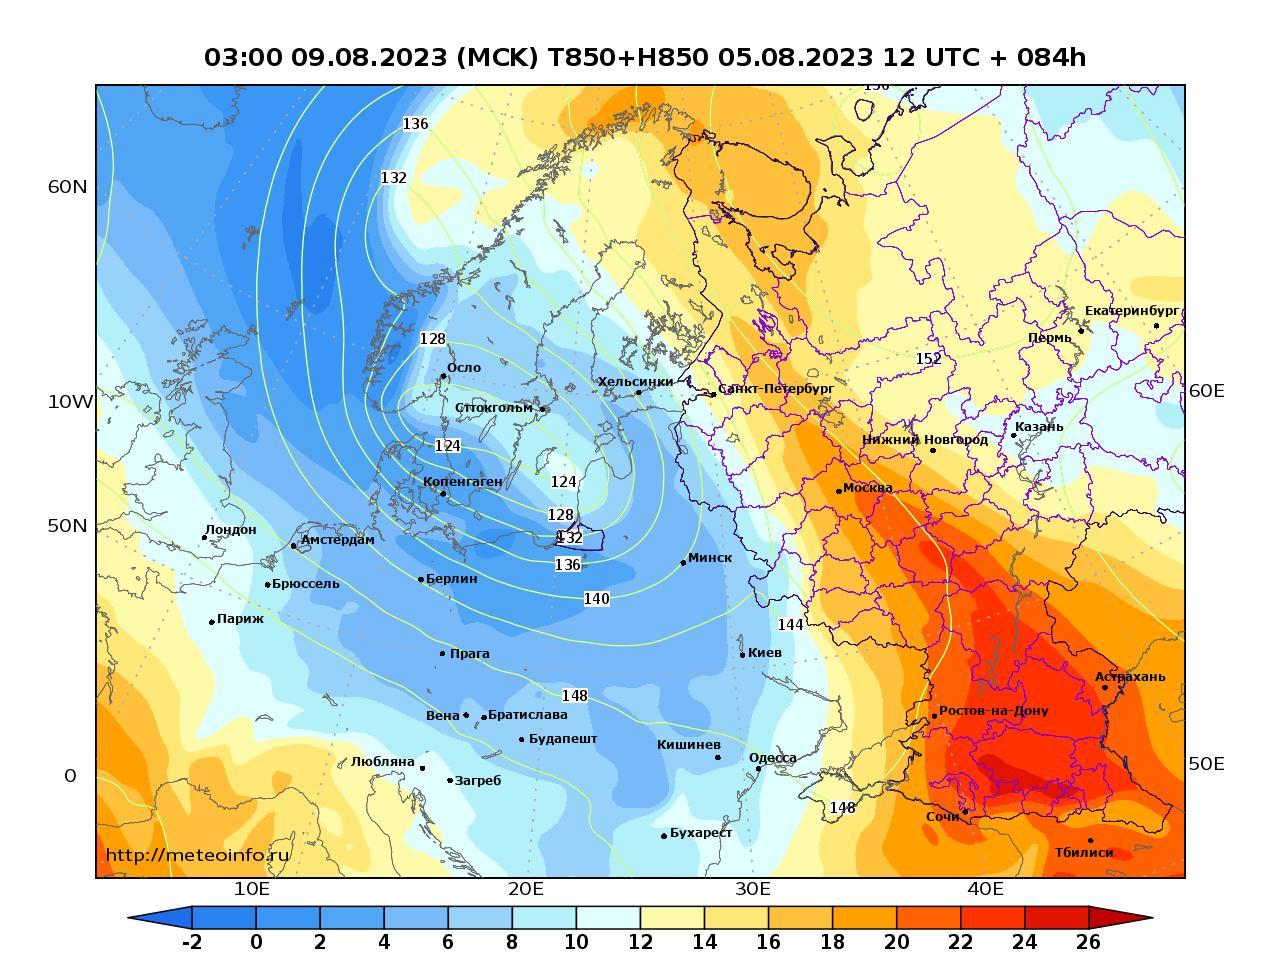 Европейская территория России, прогностическая карта температура T850 и геопотенциал H850, заблаговременность прогноза 84 часа